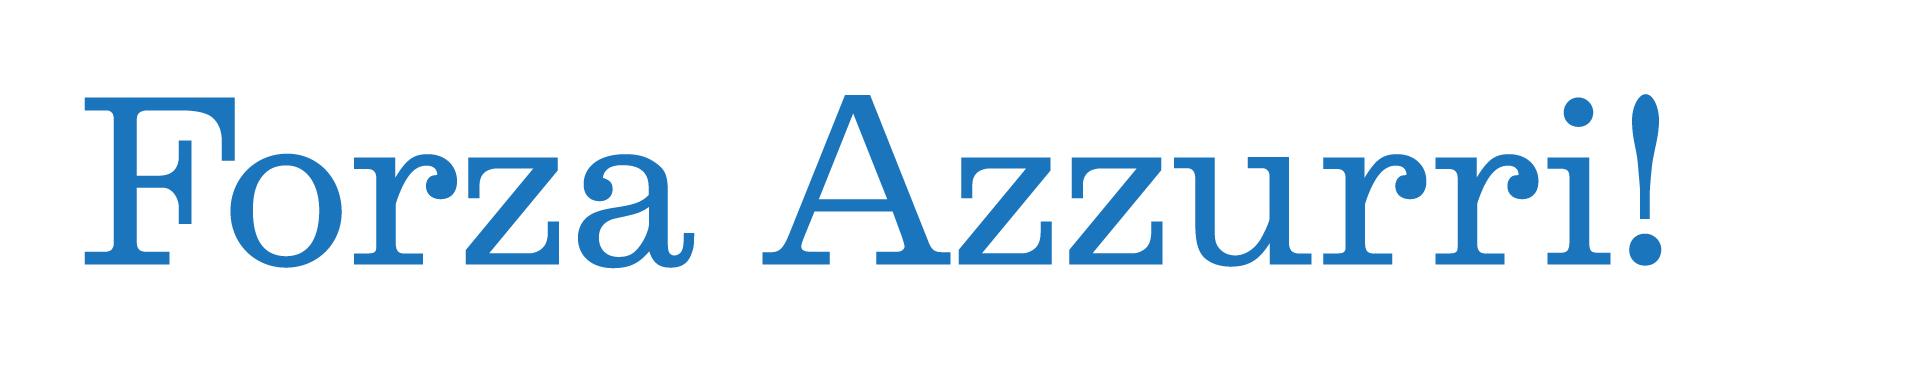 forza-azzurri